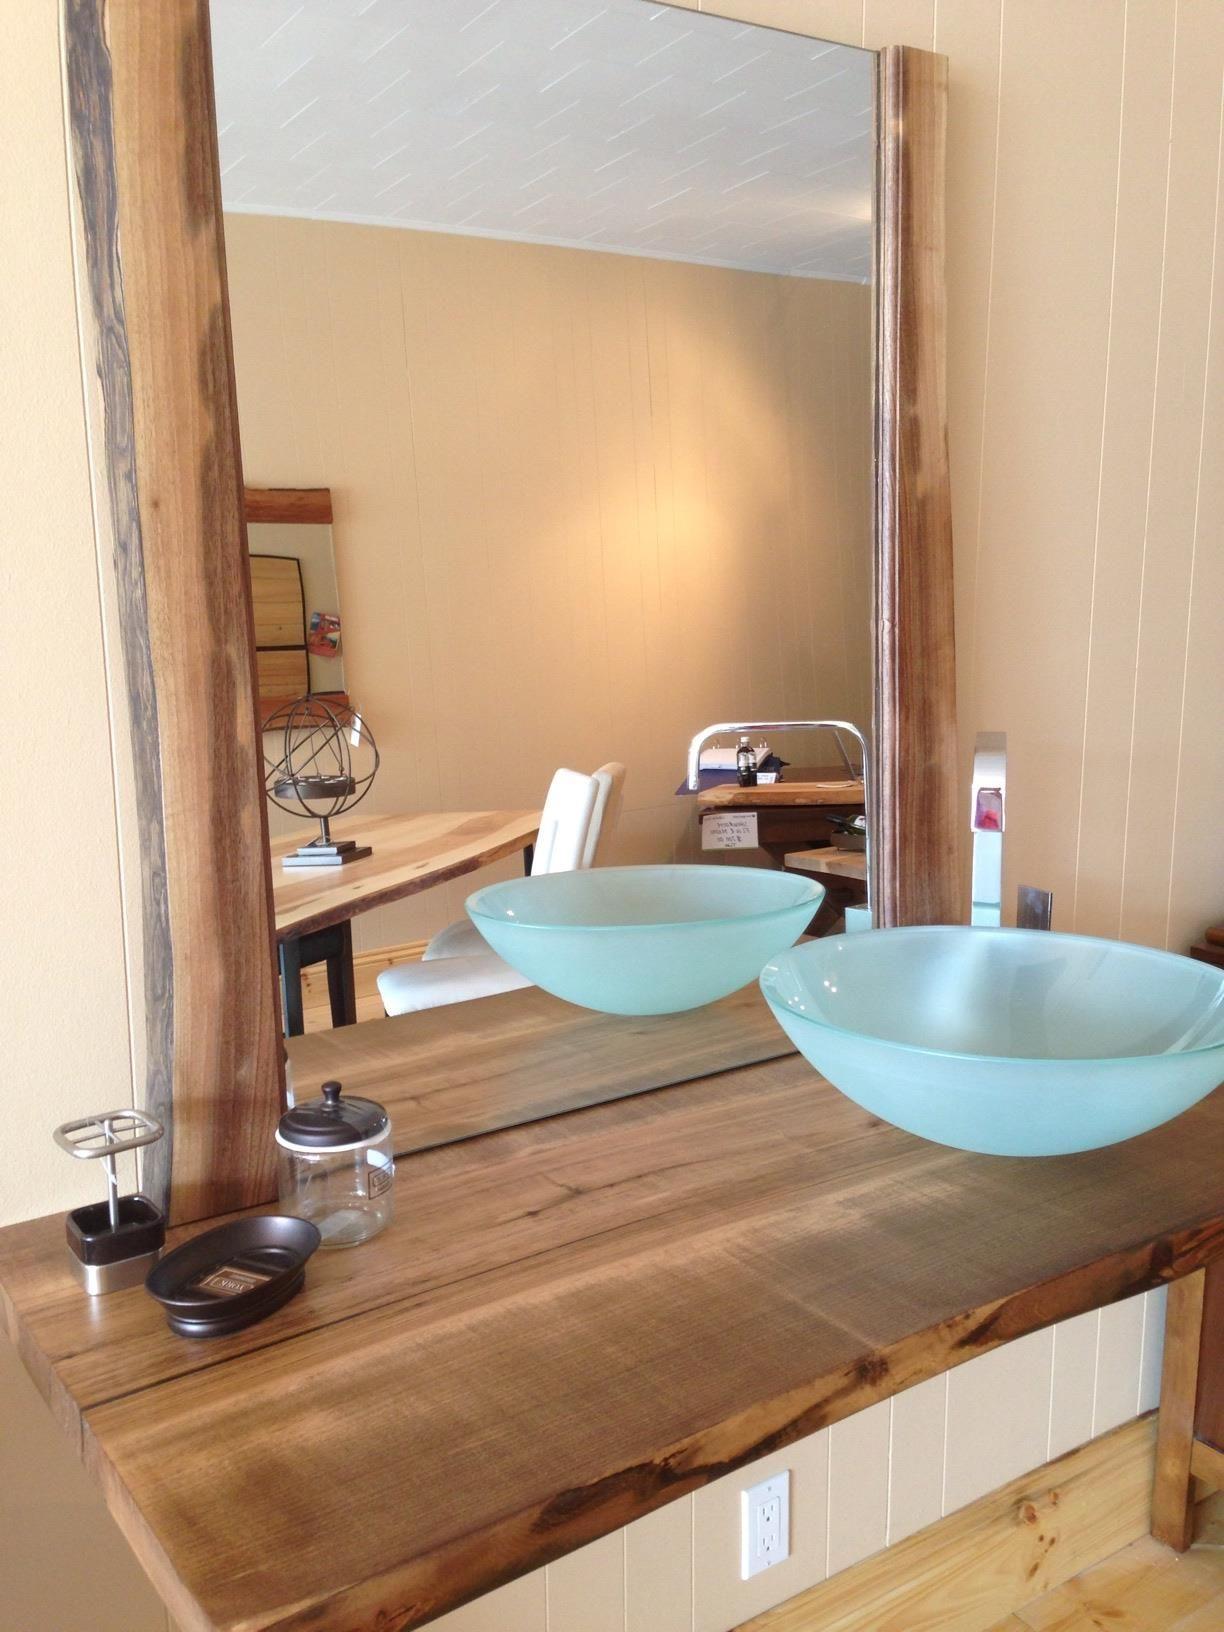 live edge vanity wood slab vanity wood vanity live edge countertop. Black Bedroom Furniture Sets. Home Design Ideas